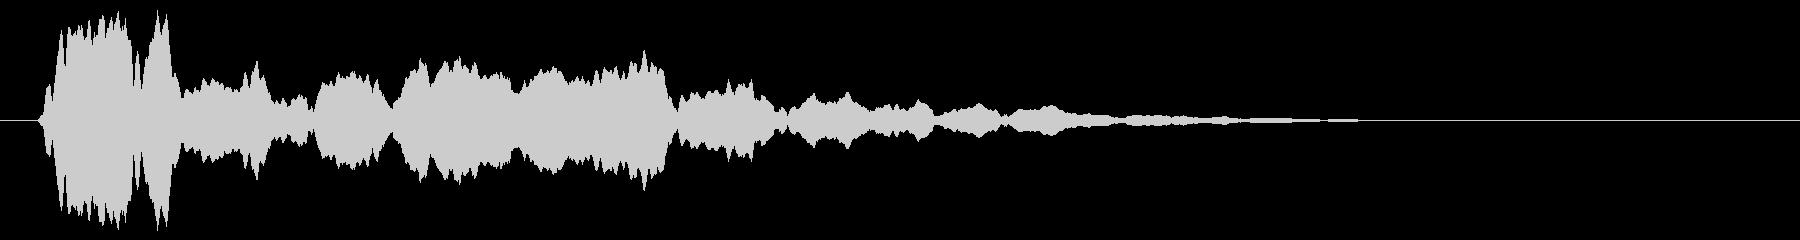 シャーン(頭に響く鈴の音)の未再生の波形